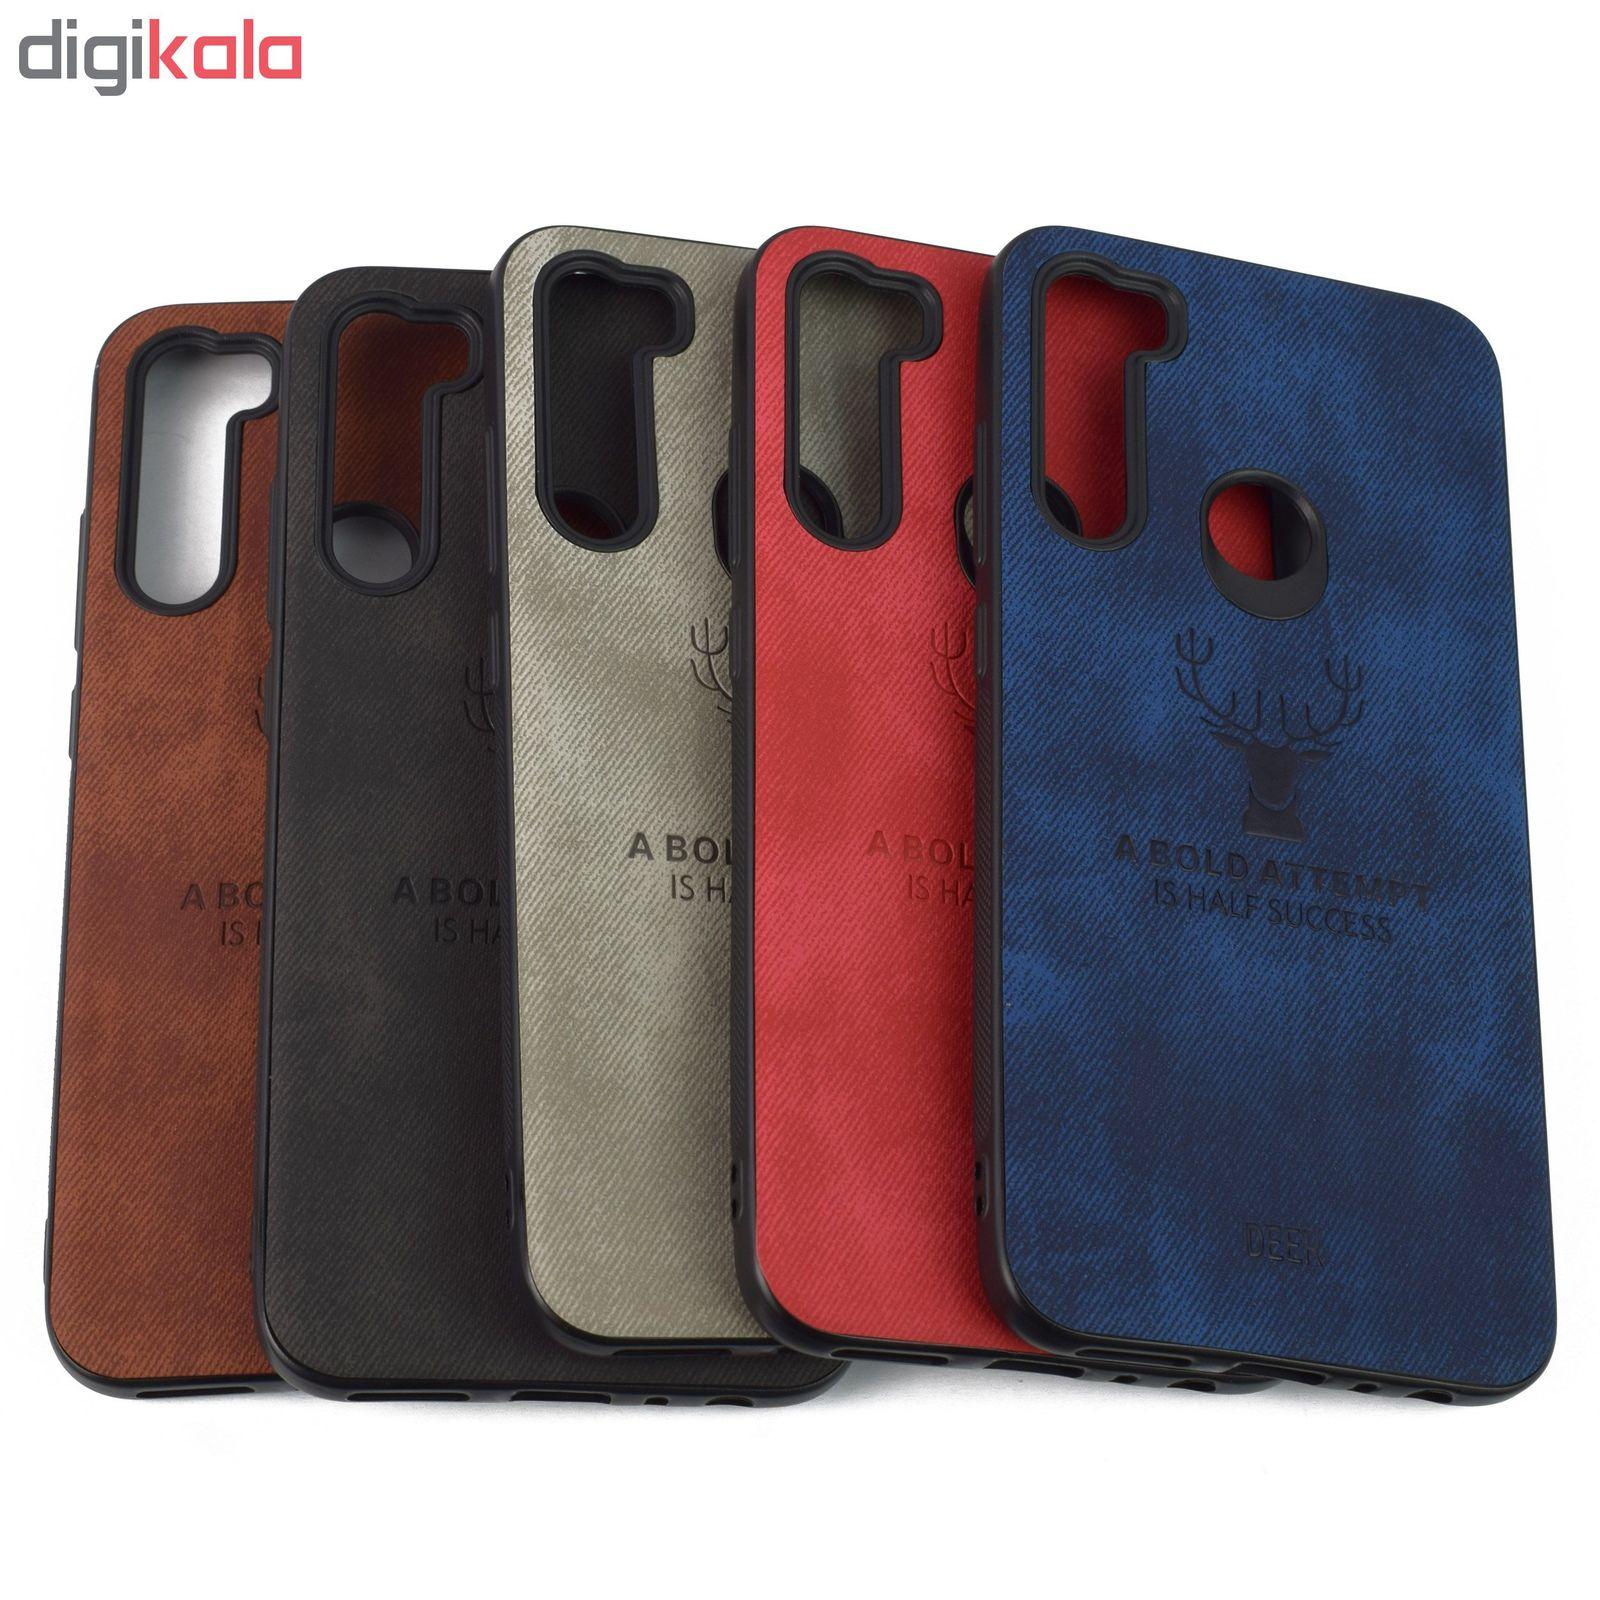 کاور مدل DER20 مناسب برای گوشی موبایل شیائومی Redmi Note 8 main 1 1